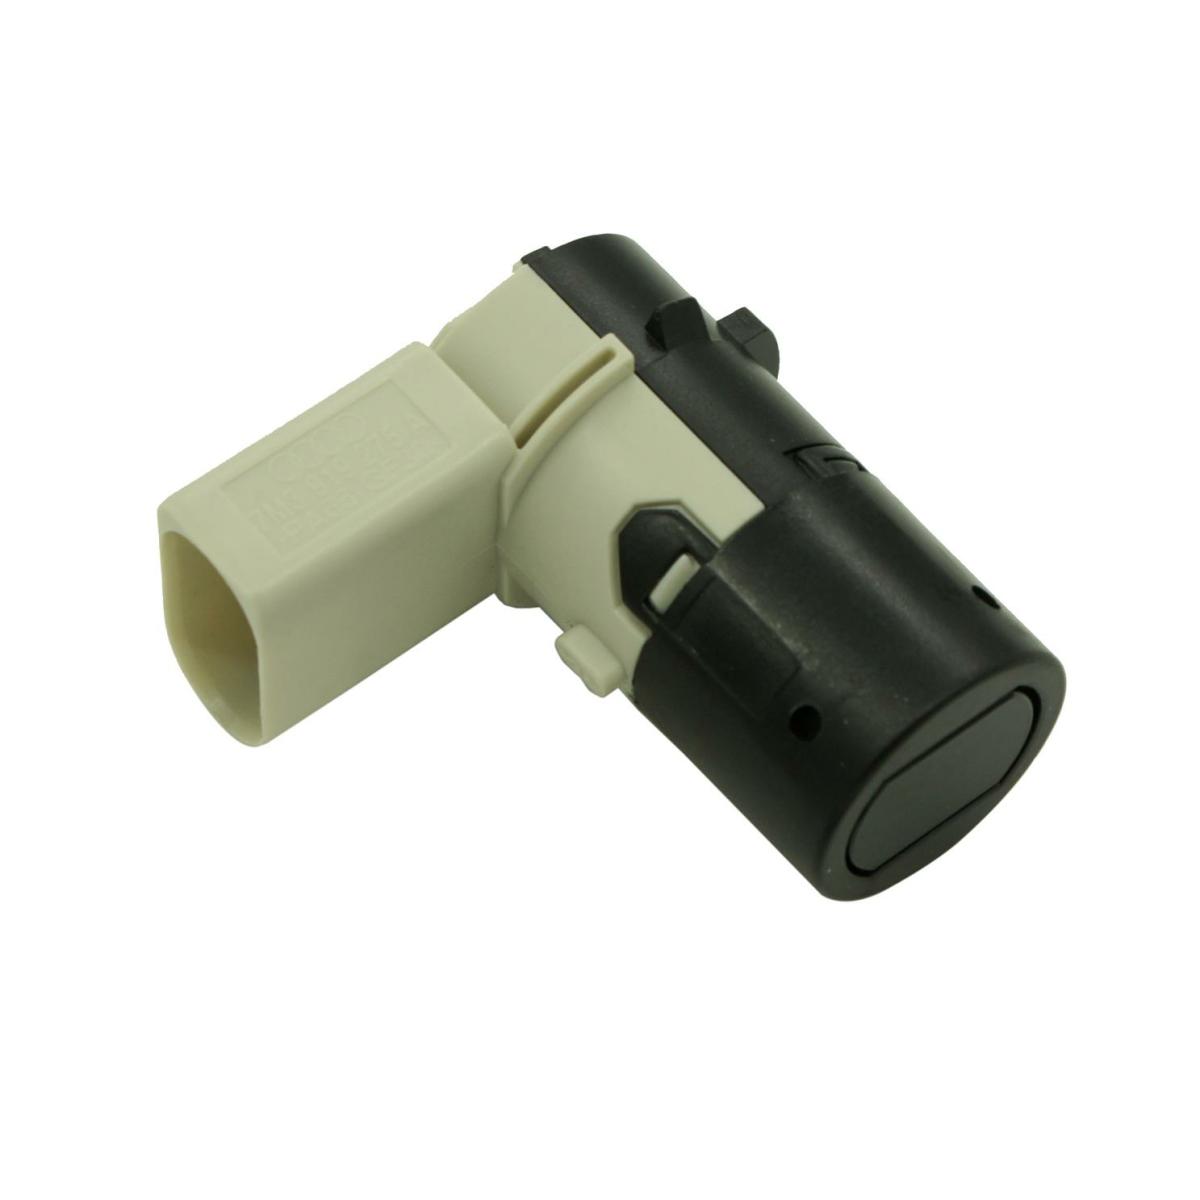 Park sensor 1121129 for Ford PDC Parktronic